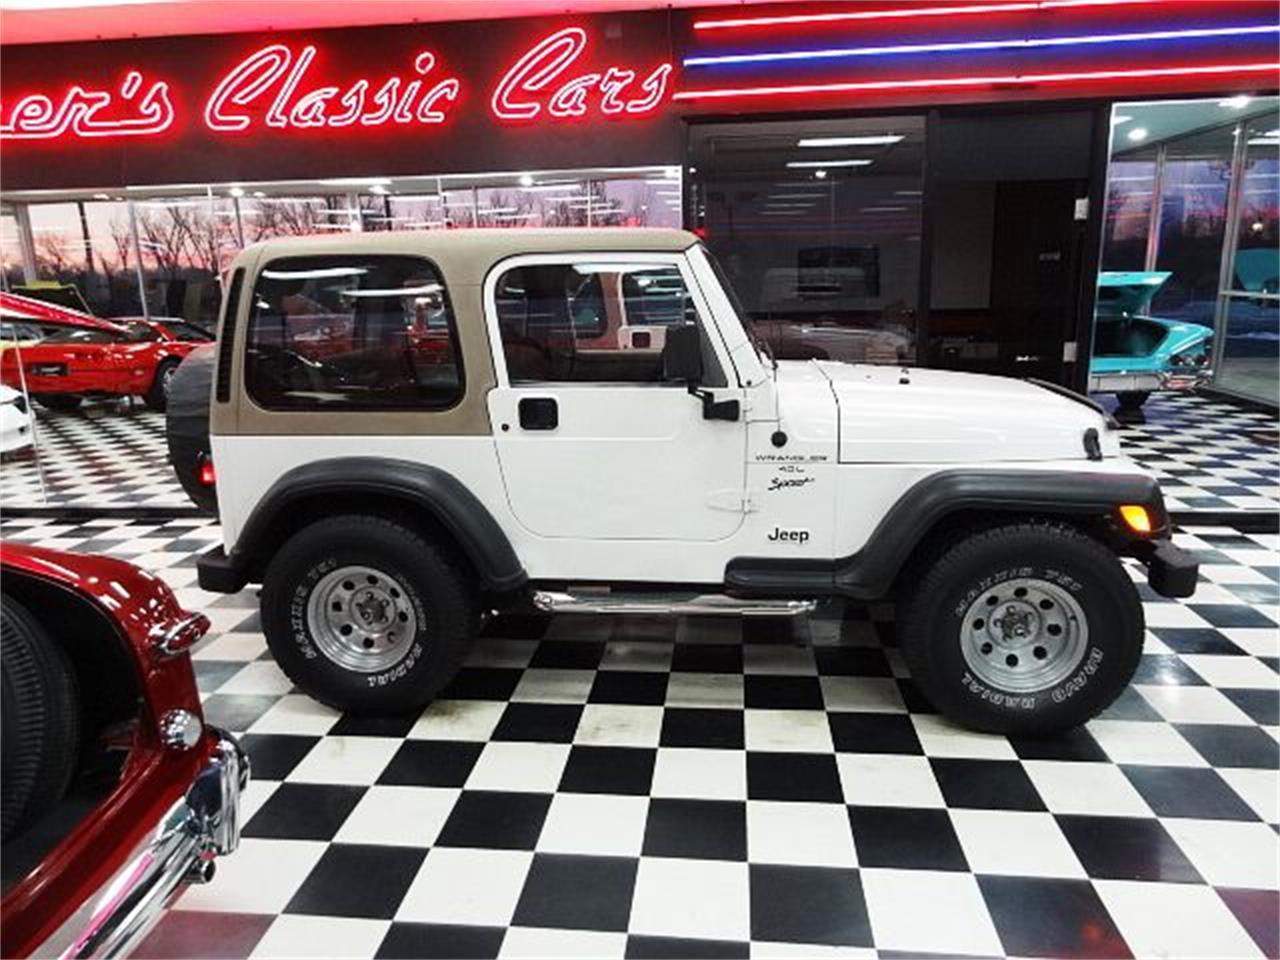 1999 Jeep Wrangler For Sale >> 1999 Jeep Wrangler For Sale Classiccars Com Cc 1169613